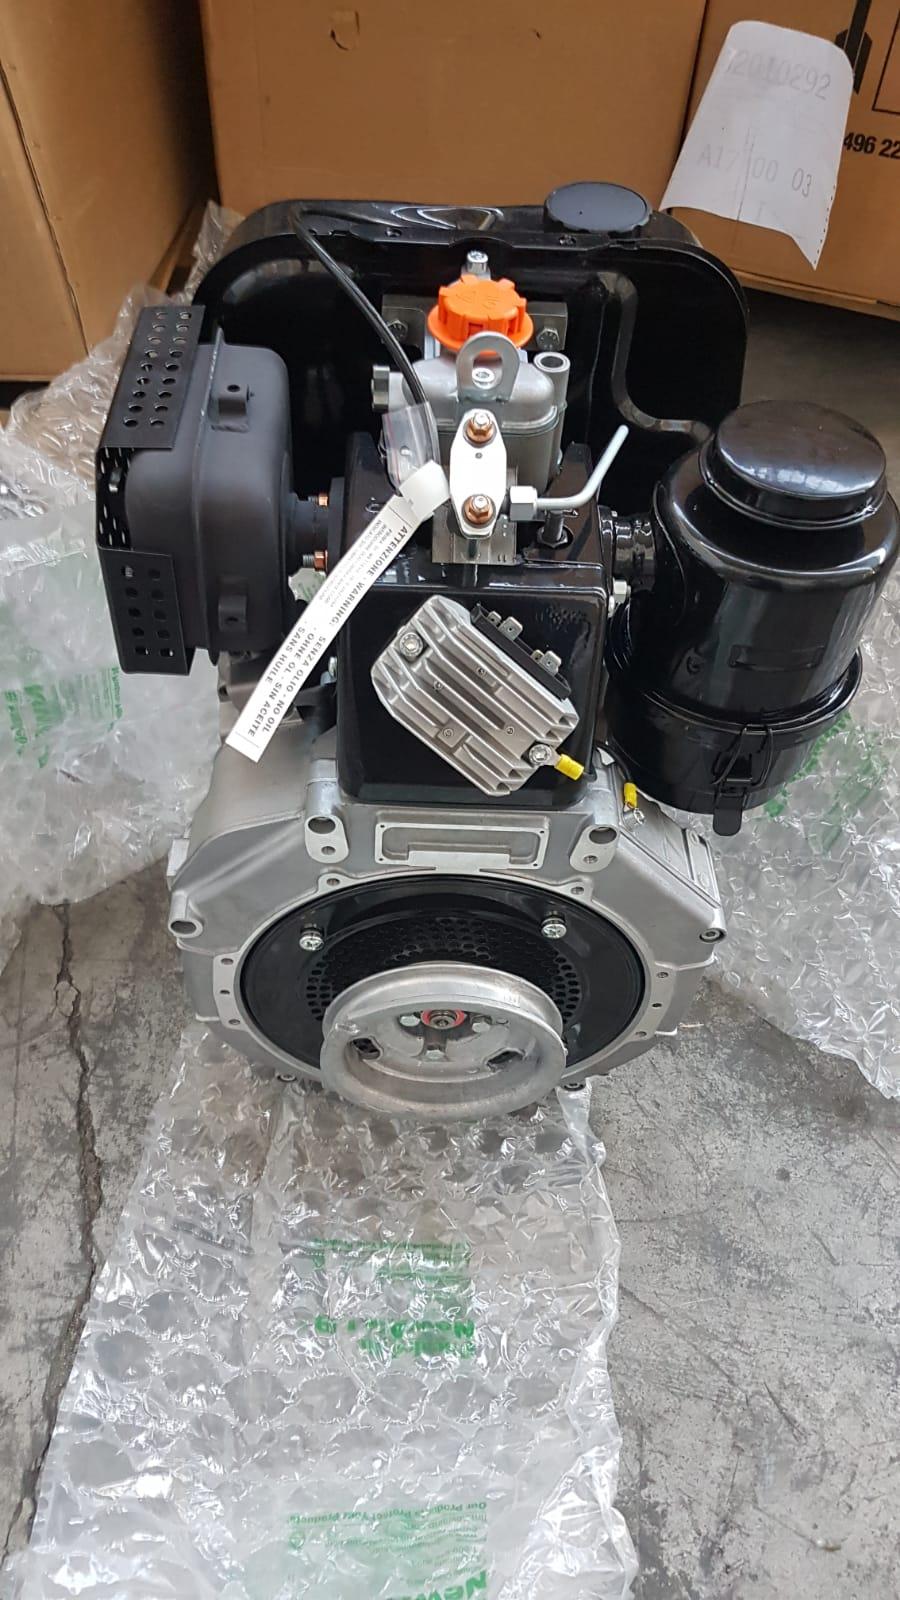 Motore lombardini 3ld510 con avviamento elettrico 14hp for Motore lombardini 3ld510 prezzo